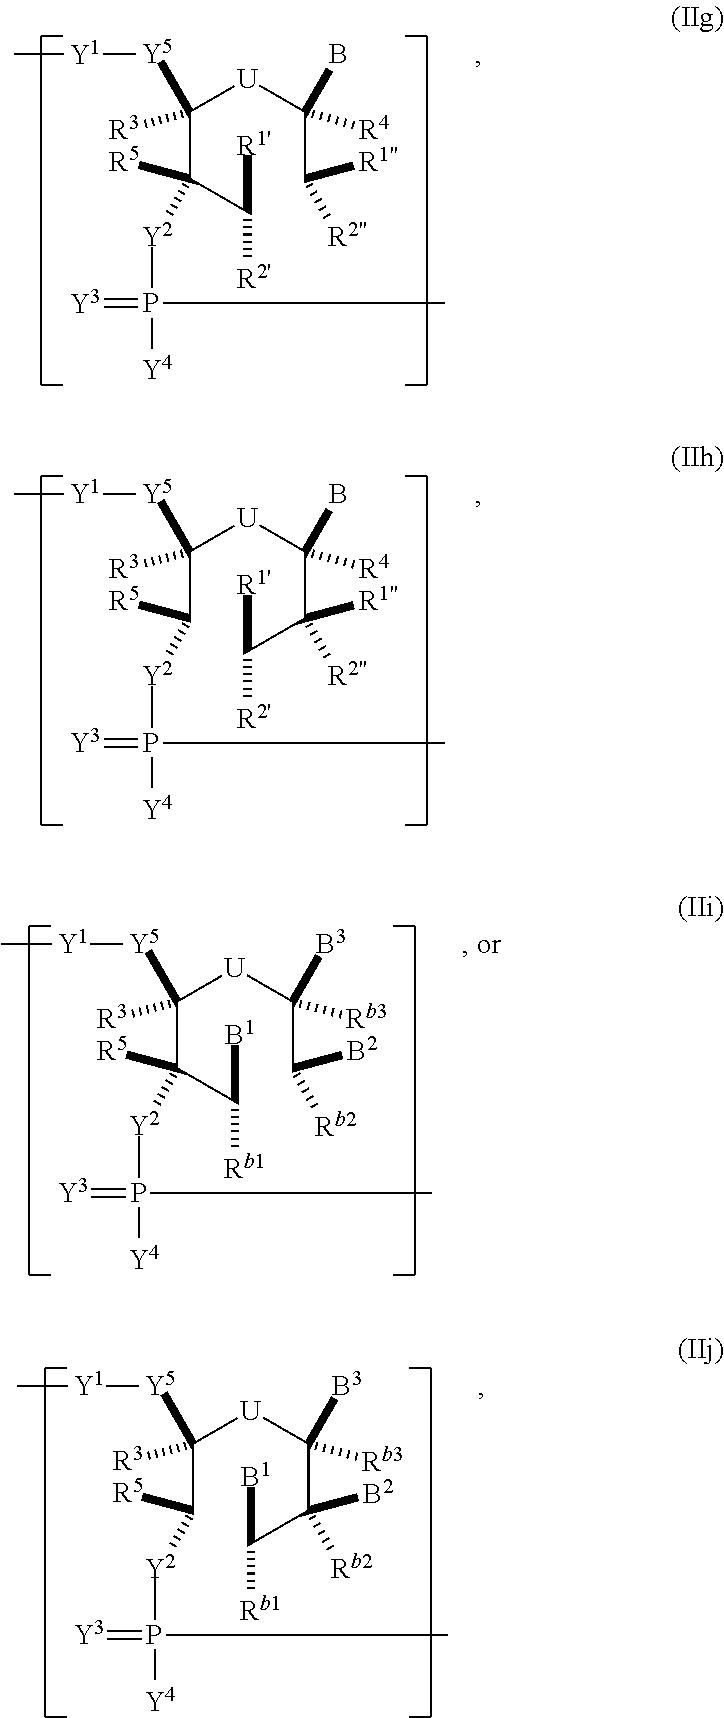 Figure US09271996-20160301-C00012